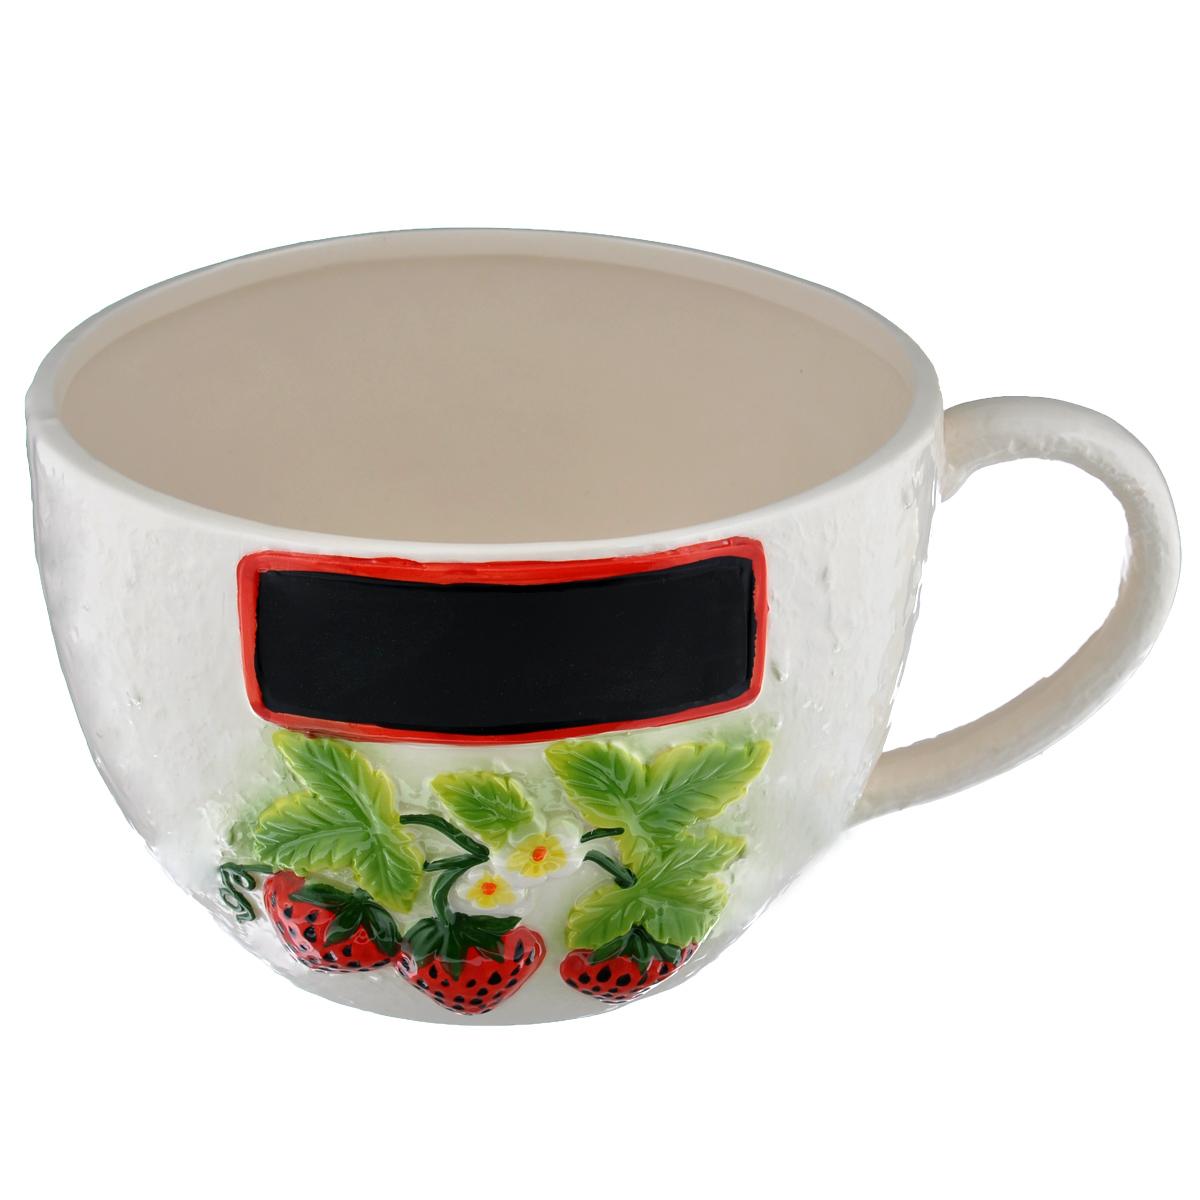 Кашпо House & Holder Чашка, цвет: молочный, диаметр 19 смDSF10A003H-1Кашпо-горшок для цветов House & Holder Чашка изготовлено из фарфора, покрытого глазурью, и оформлено рельефным изображением ягод клубники. Изделие выполнено в виде чашки и предназначено для цветов и небольших деревьев. На кашпо имеется место для надписи. Такие изделия часто становятся последним штрихом, который совершенно изменяет интерьер помещения или ландшафтный дизайн сада. Благодаря такому кашпо вы сможете украсить вашу комнату, офис, сад и другие места. Диаметр кашпо (по верхнему краю): 19 см.Высота кашпо: 13,5 см.Объем: 2,5 л.